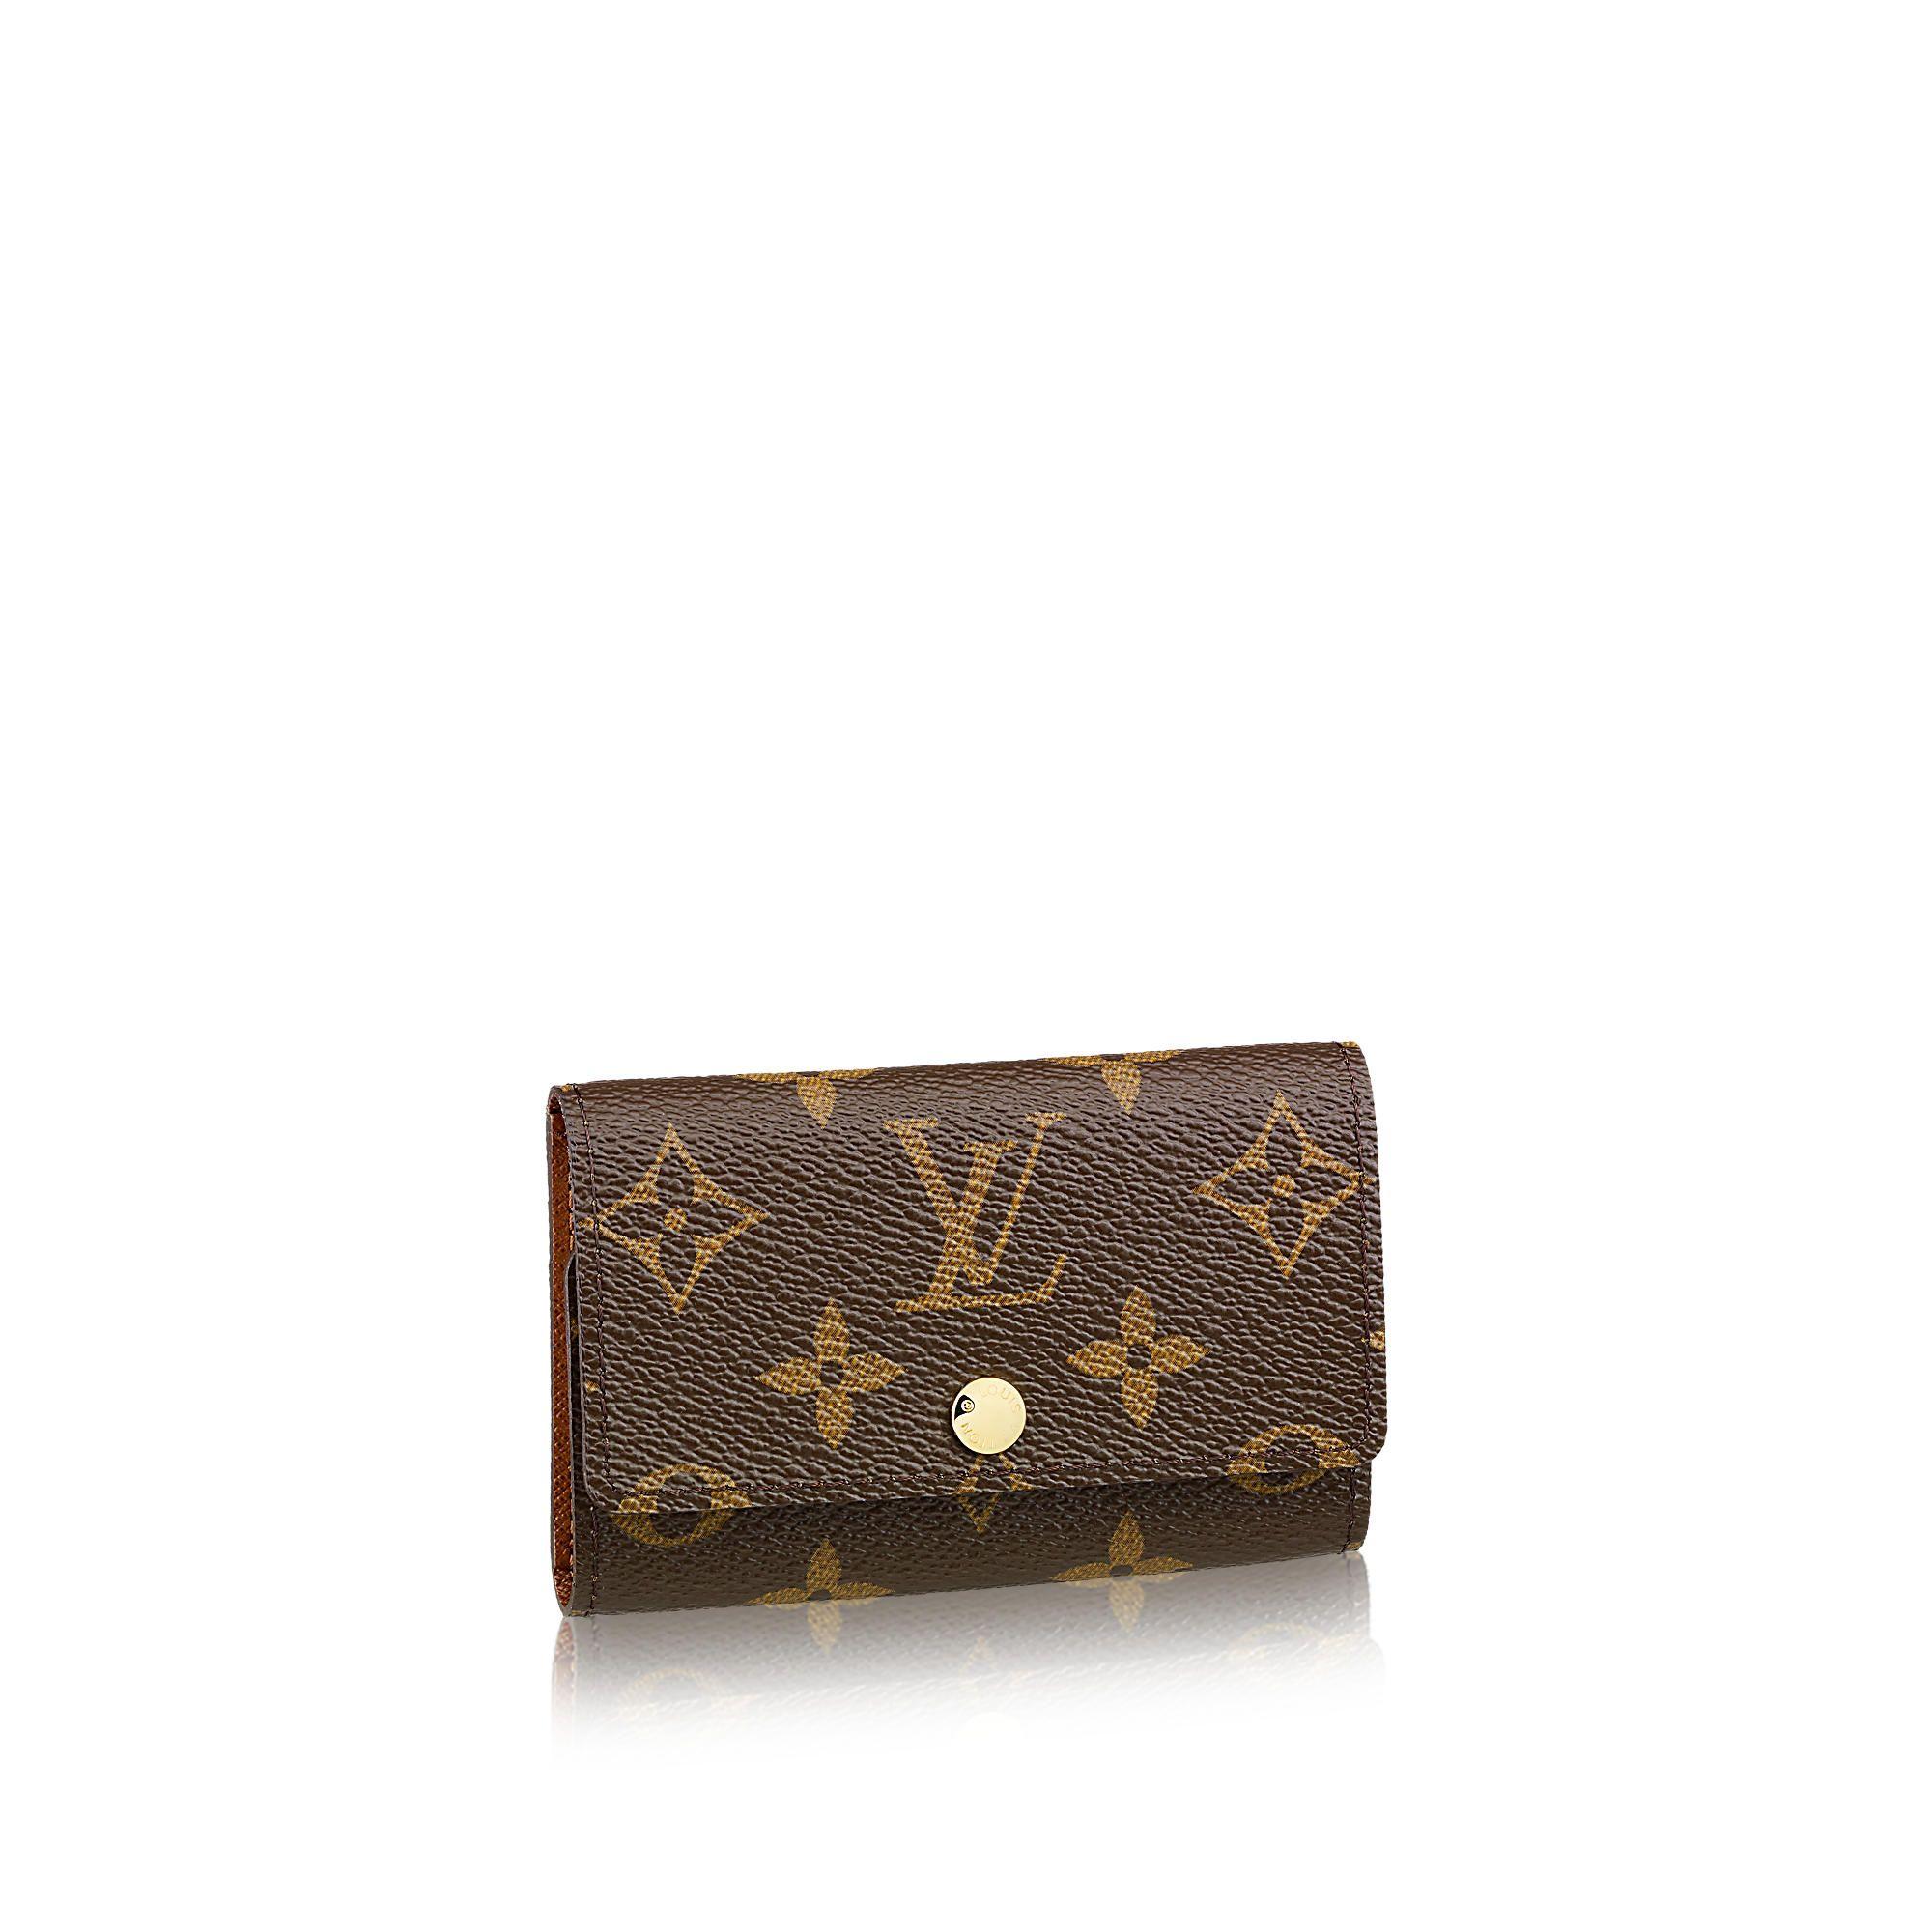 c5f4b7a7a1ca6 Entdecken+Sie+Etui+Für+6+Schlüssel+via+Louis+Vuitton+